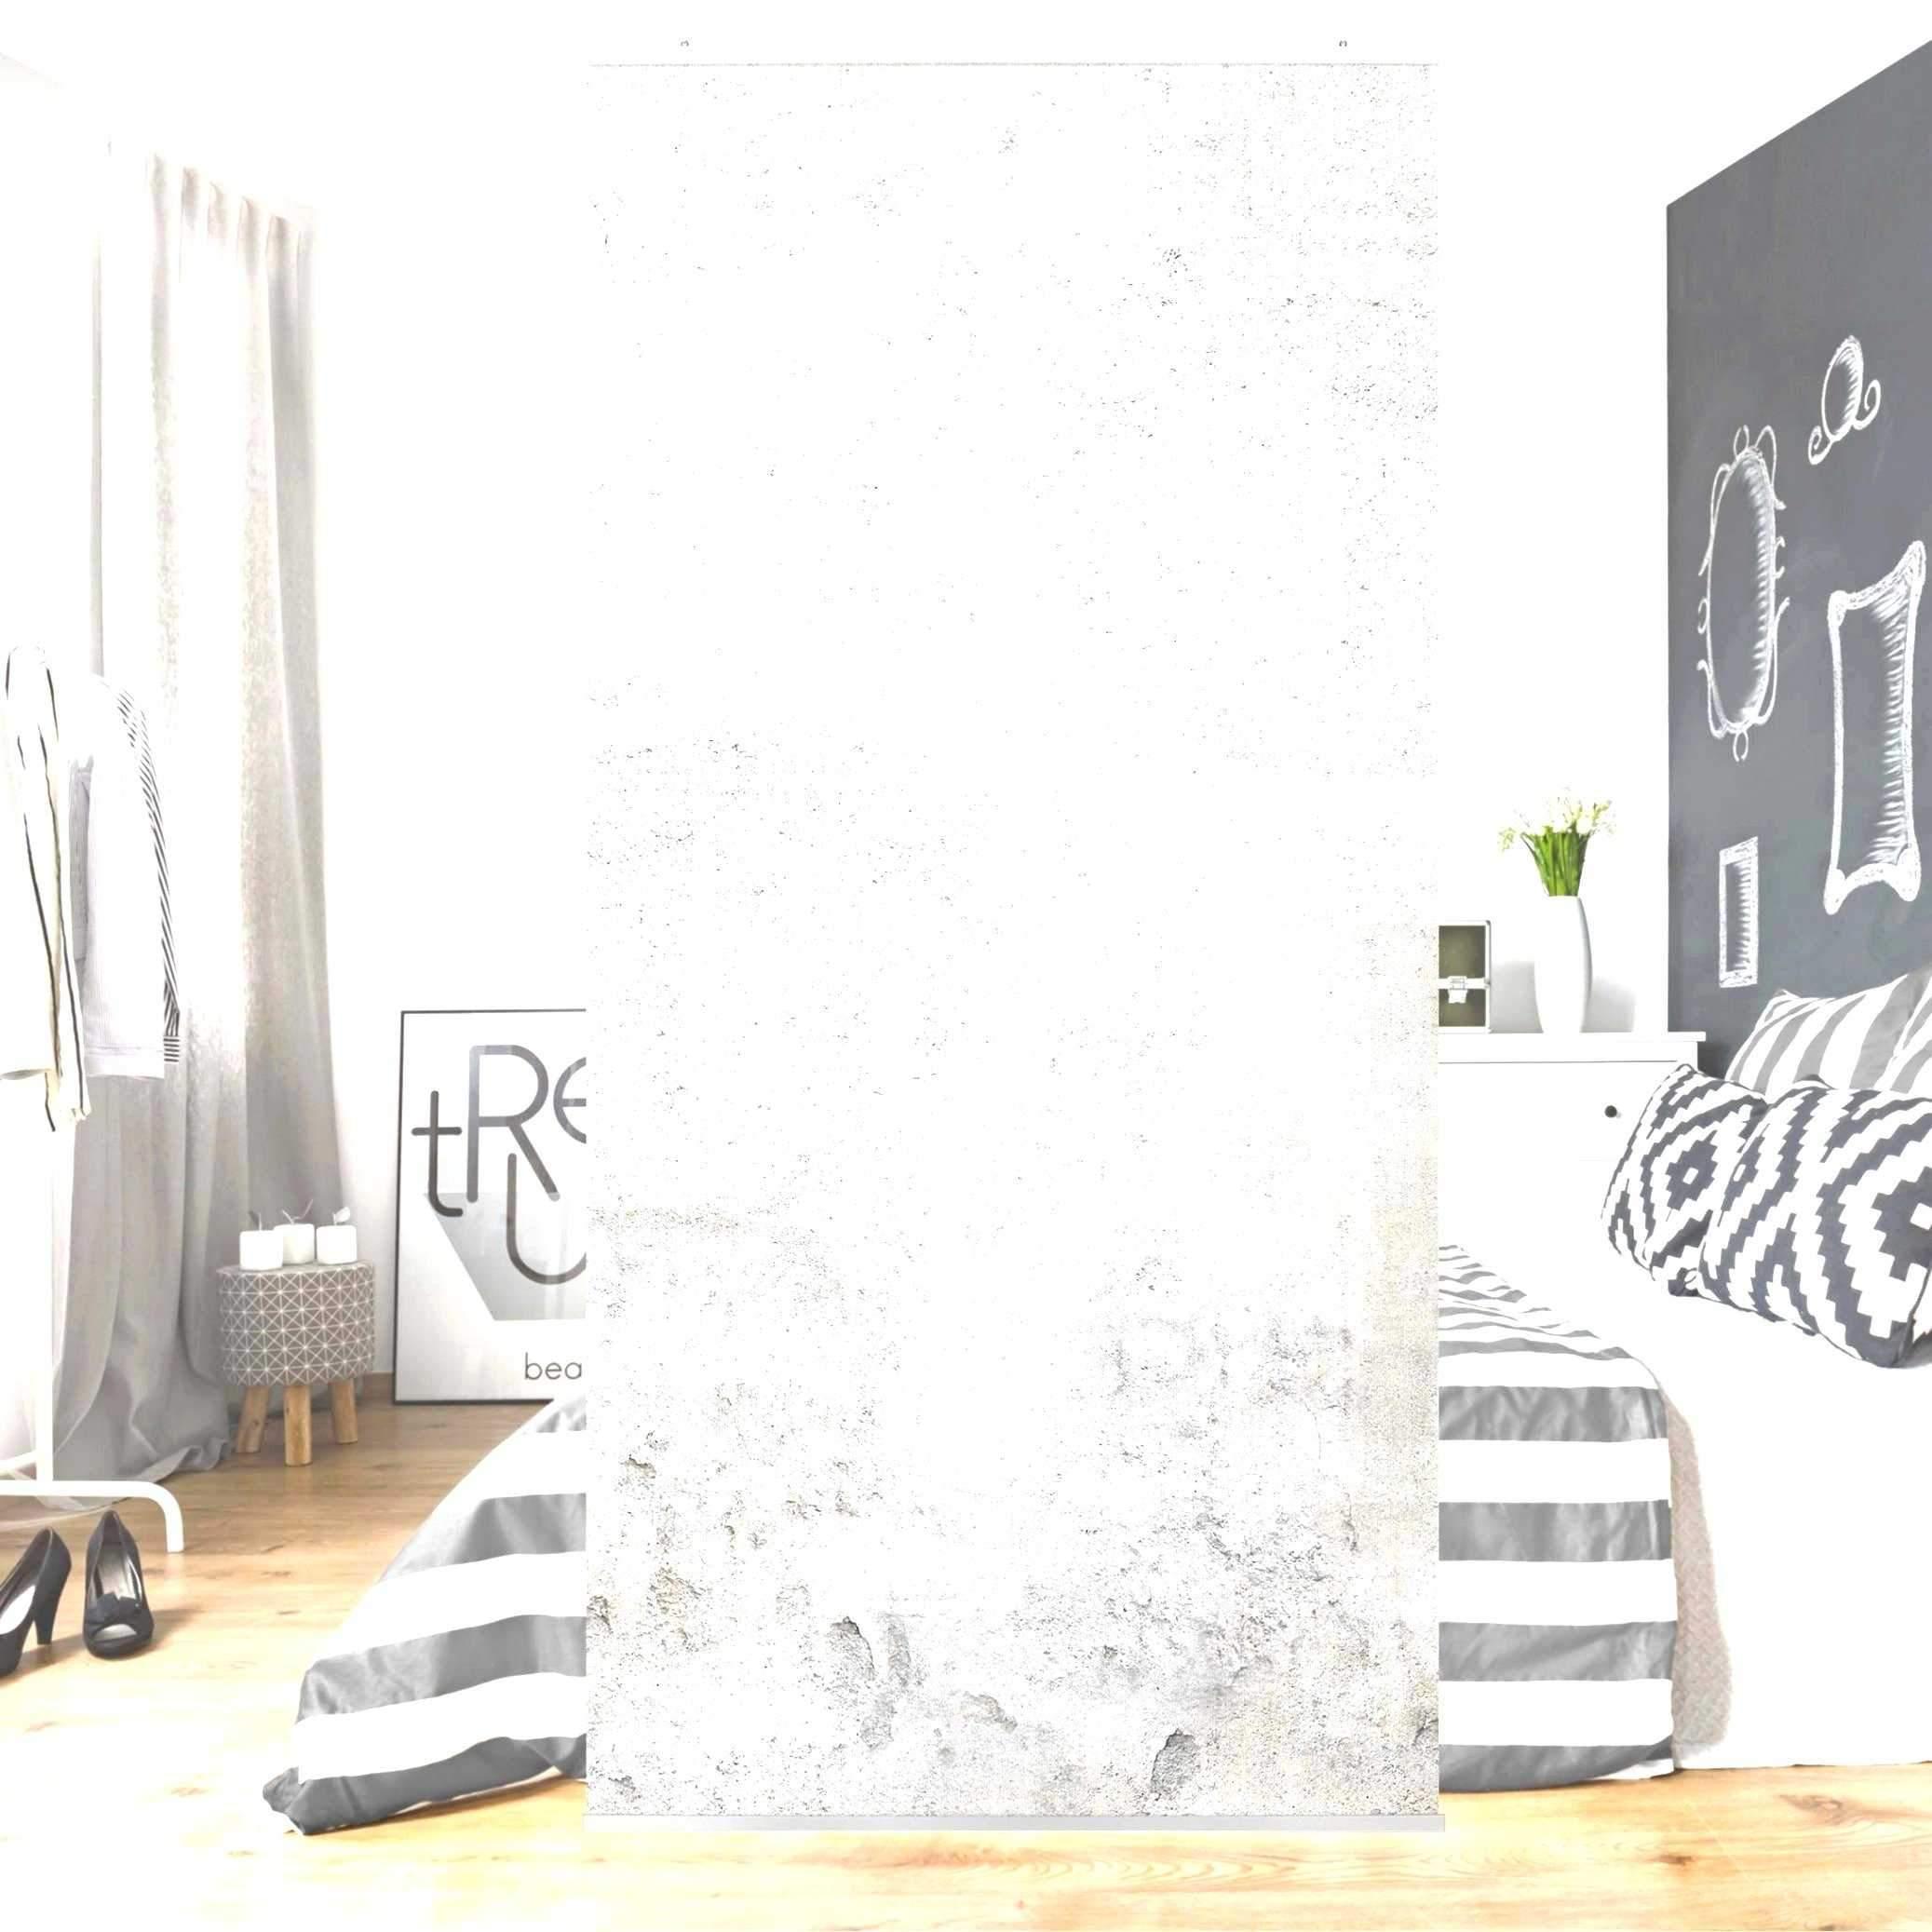 Full Size of Deckenleuchte Landhaus Wohnzimmer Inspirierend Landhausstil Frisch 40 Schlafzimmer Modern Bad Boxspring Bett Weiß Küche Landhausküche Grau Regal Led Sofa Wohnzimmer Deckenleuchte Landhaus